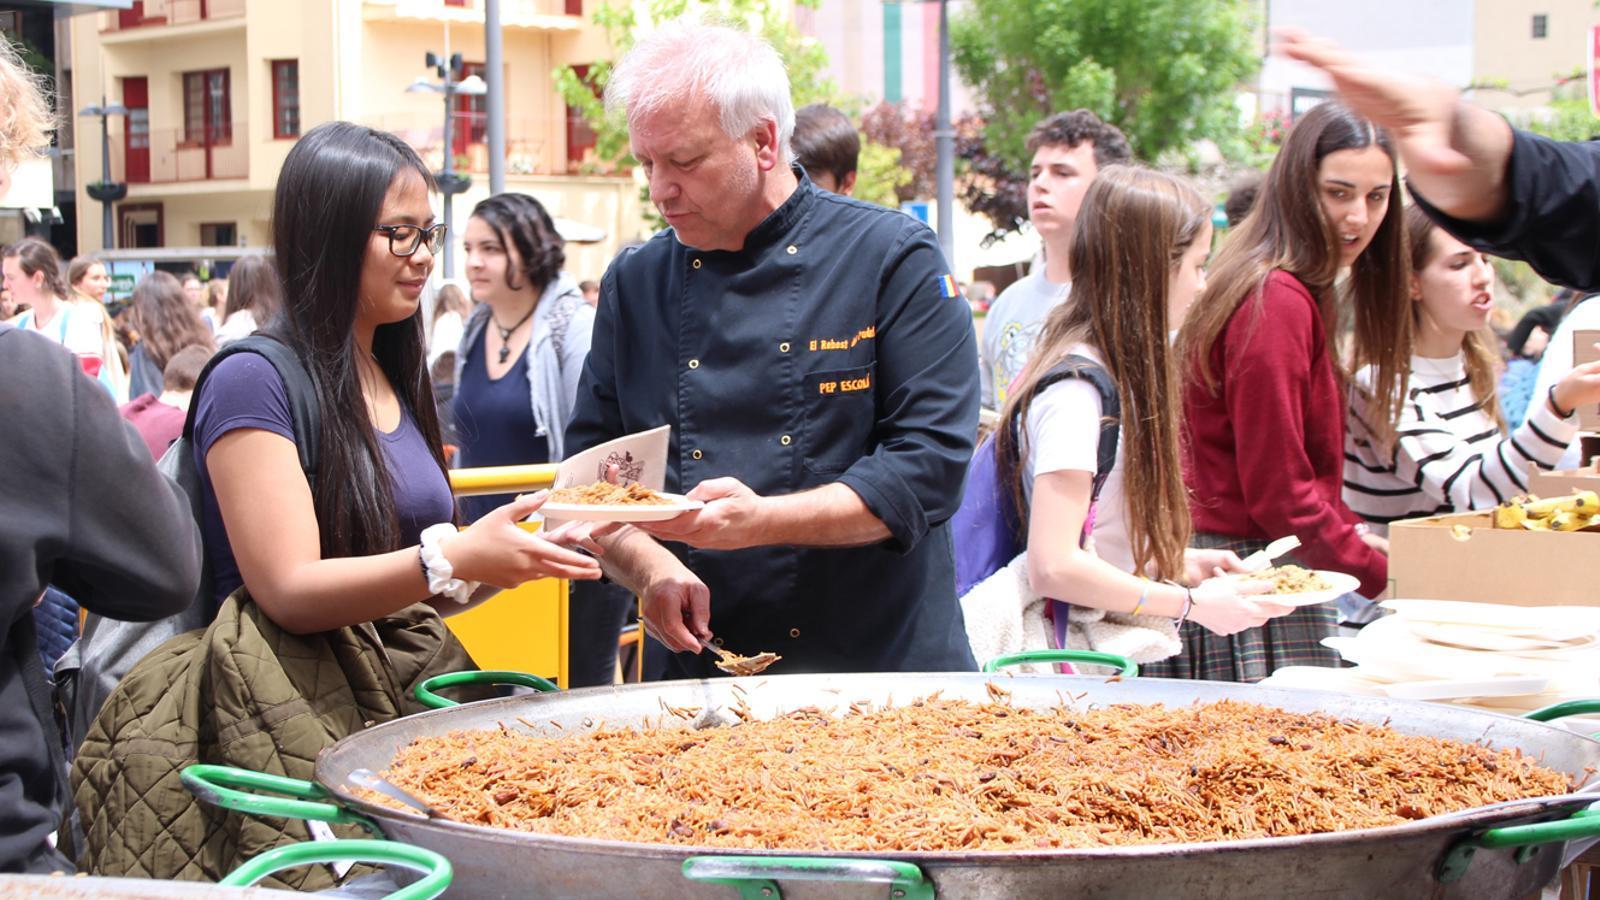 Dinar de germanor entre els estudiants a la plaça de la Germandat de Sant Julià de Lòria. / M. P. (ANA)